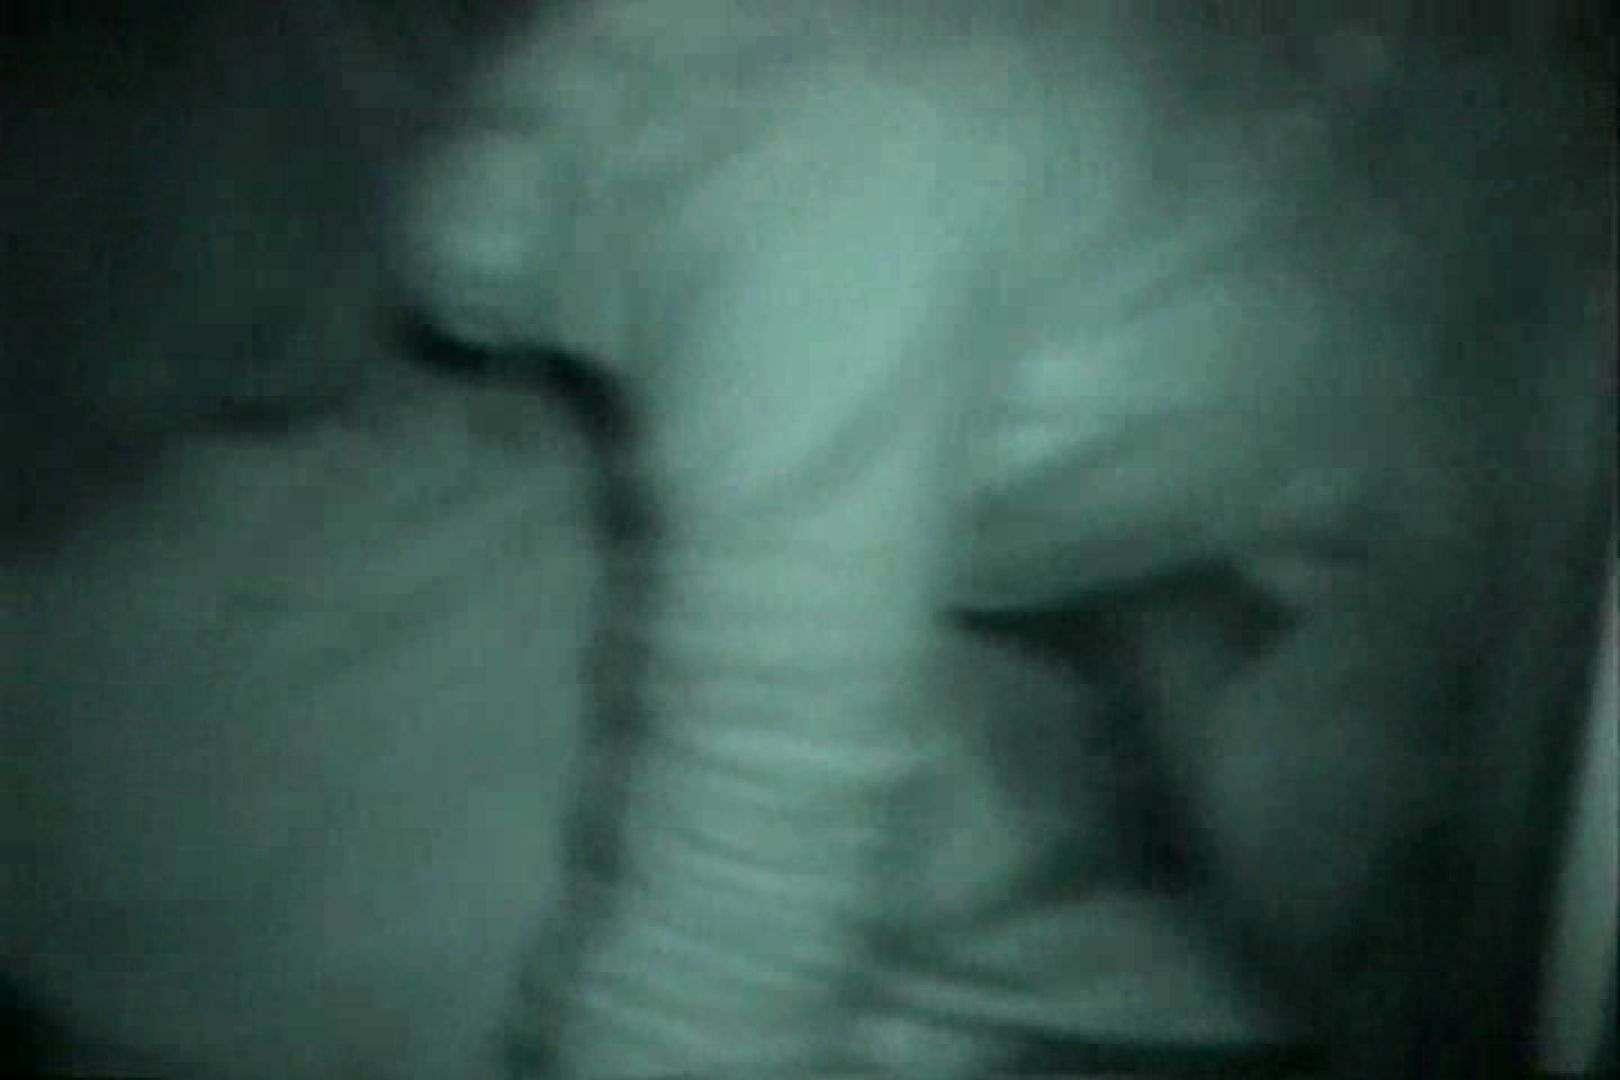 充血監督の深夜の運動会Vol.126 フェラ 隠し撮りセックス画像 92pic 66